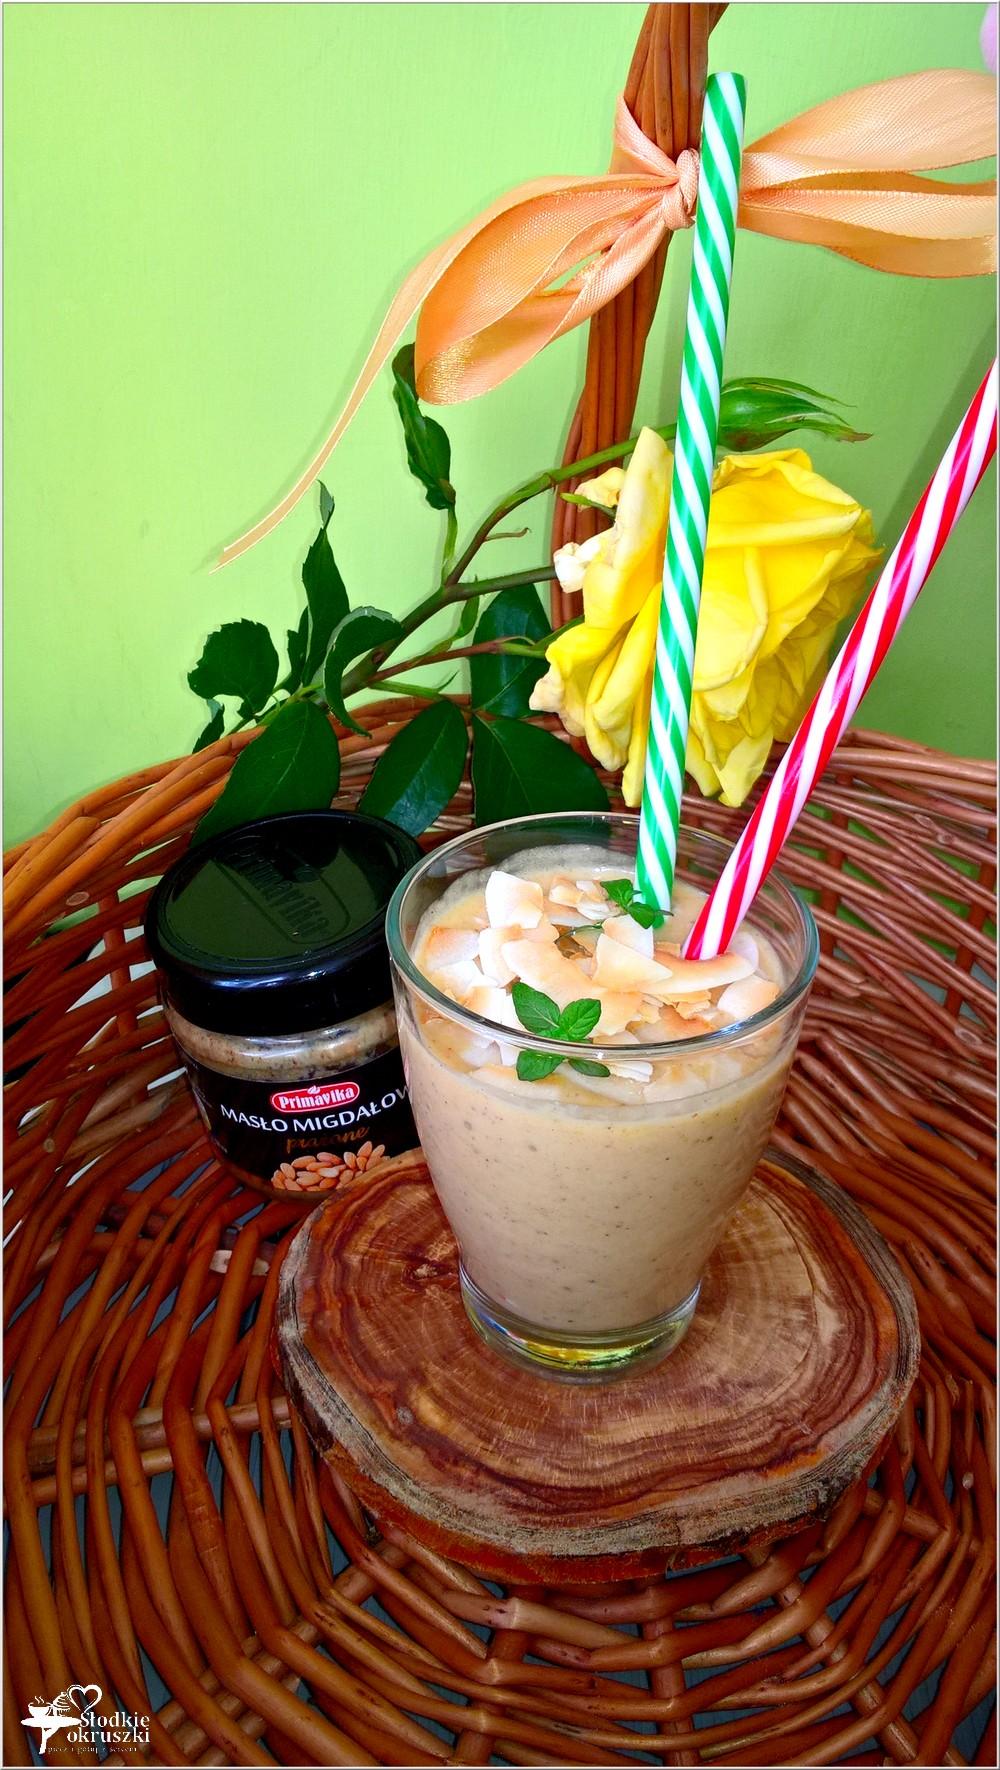 Kremowe owocowo migdałowe smoothie (3)